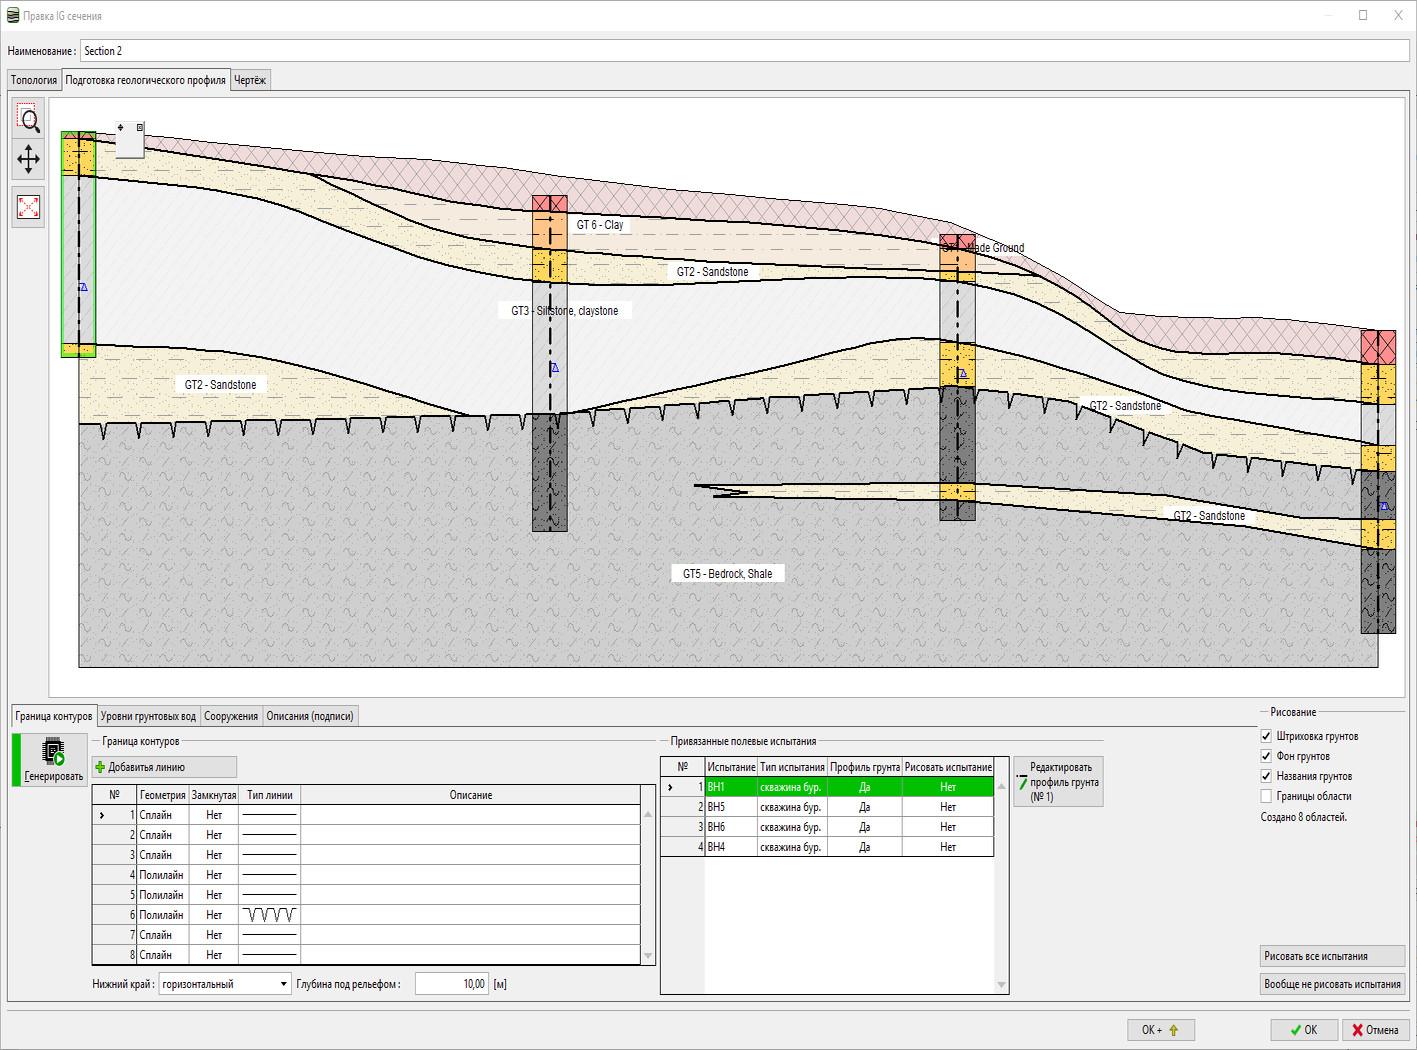 Стратиграфия - Сечения : Настройки рисования геологического сечения по результатам полевых испытаний